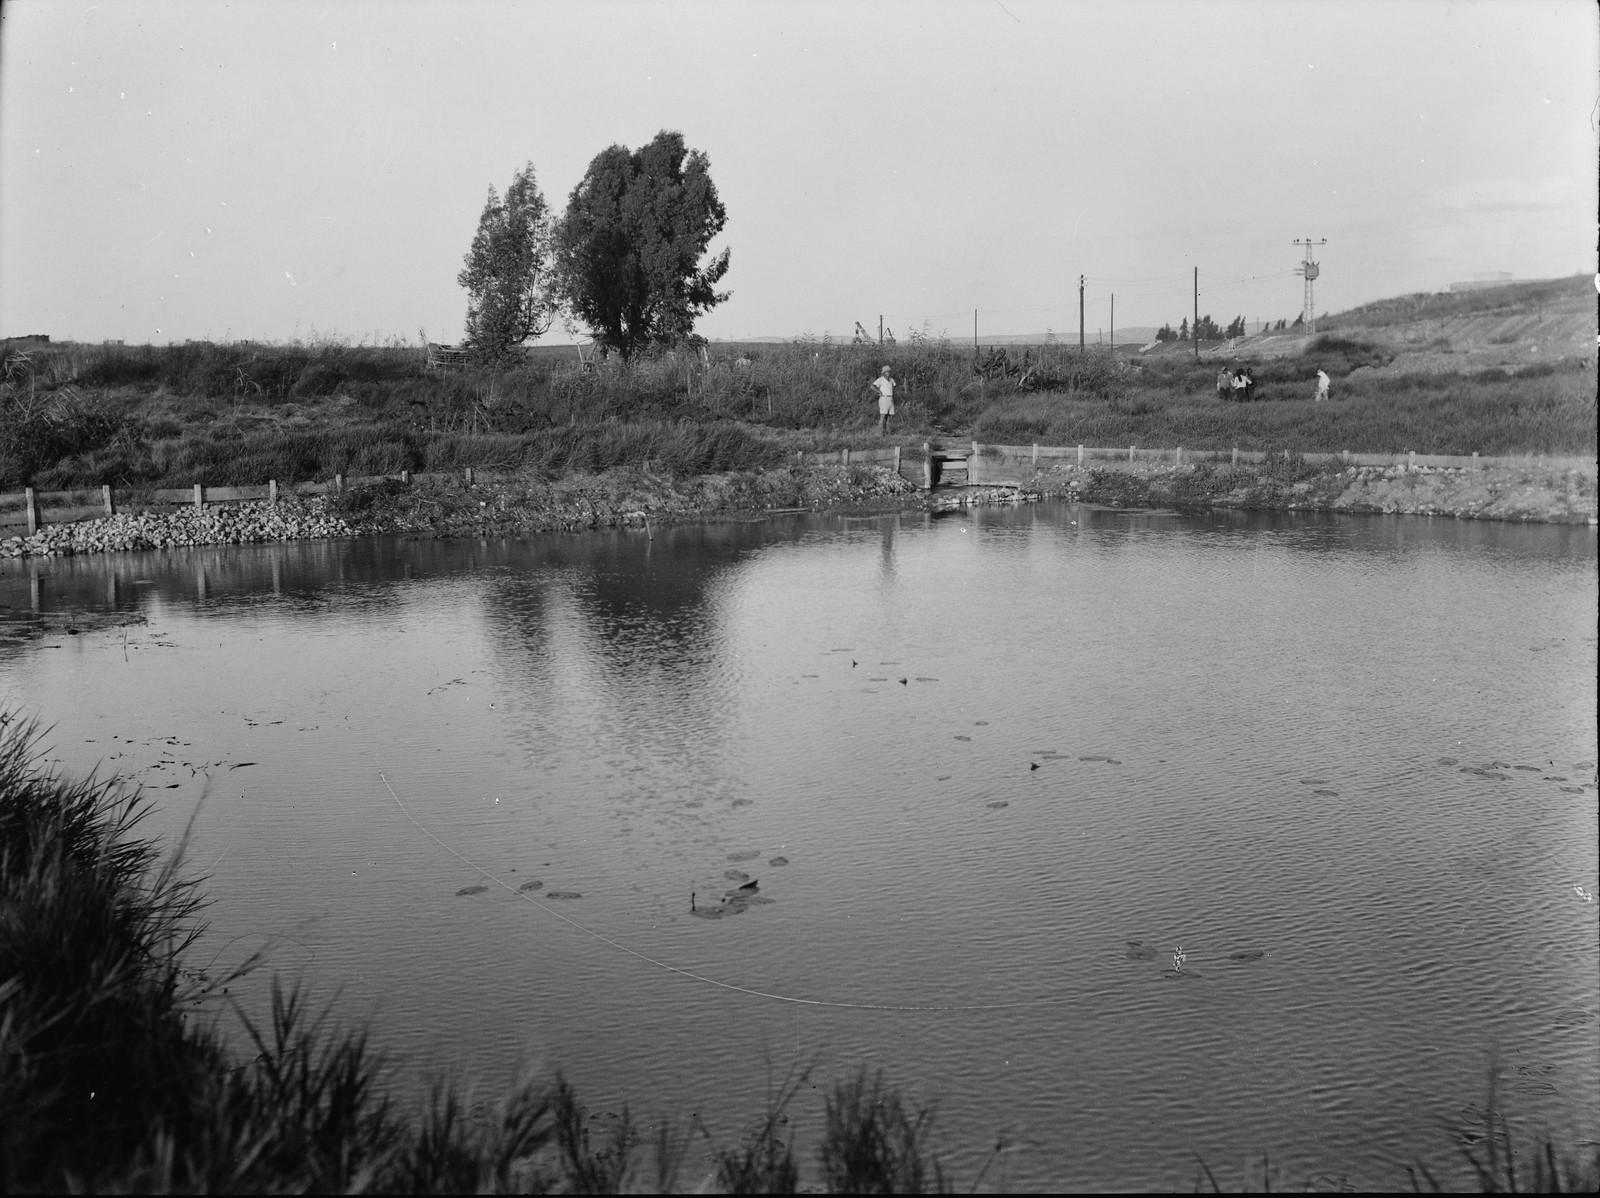 03. Рас-эль-Айн. Исток реки Ауя. Водохранилище, которое собирает воду многих источников